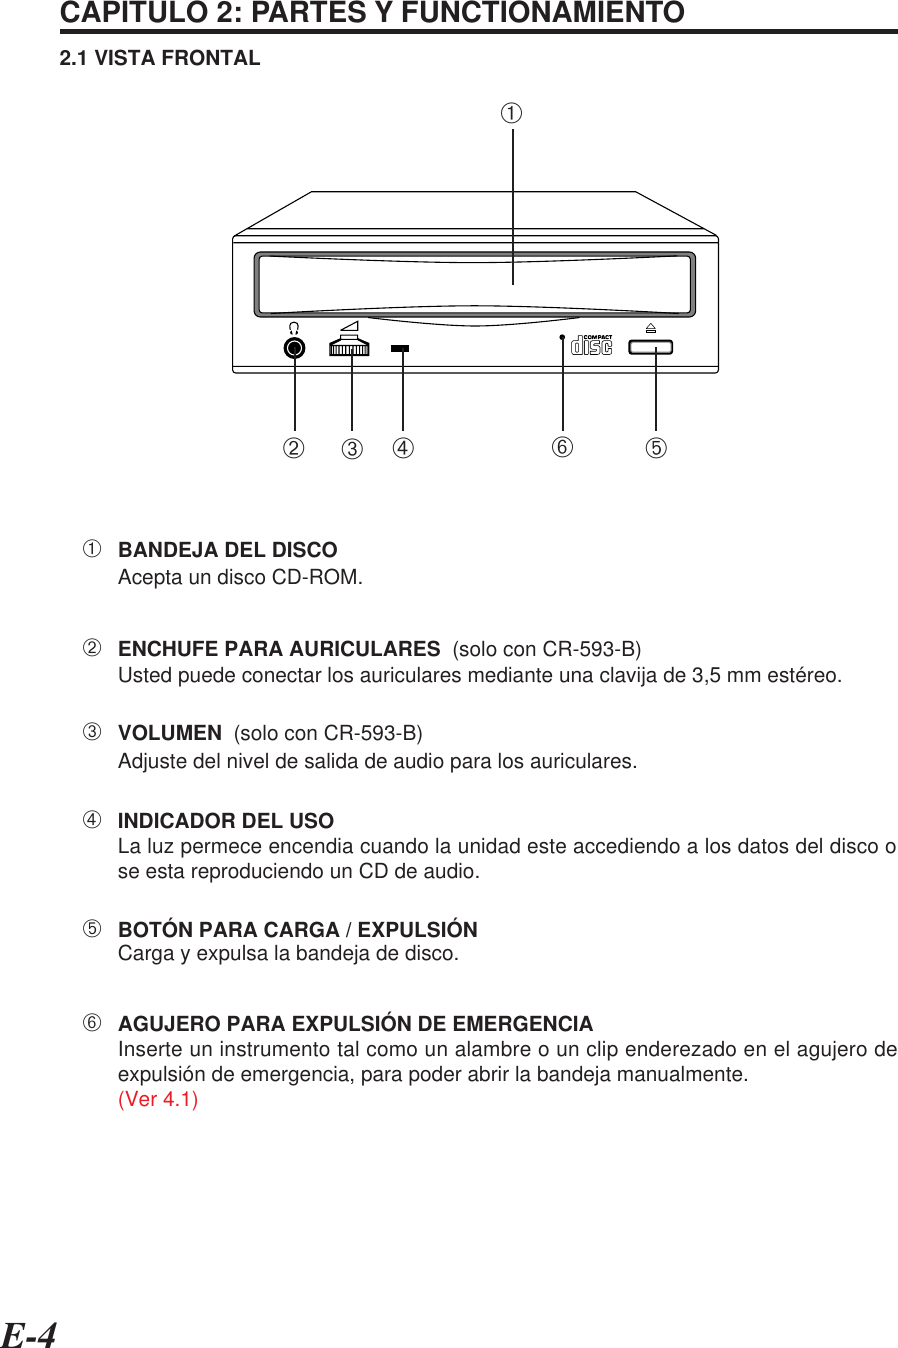 E-4CAPITULO 2: PARTES Y FUNCTIONAMIENTO2.1 VISTA FRONTAL    ➂VOLUMEN  (solo con CR-593-B)    ➀BANDEJA DEL DISCOAcepta un disco CD-ROM.    ➁ENCHUFE PARA AURICULARES  (solo con CR-593-B)Usted puede conectar los auriculares mediante una clavija de 3,5 mm estéreo.    ➃INDICADOR DEL USOLa luz permece encendia cuando la unidad este accediendo a los datos del disco ose esta reproduciendo un CD de audio.    ➄BOTÓN PARA CARGA / EXPULSIÓNCarga y expulsa la bandeja de disco.    ➅AGUJERO PARA EXPULSIÓN DE EMERGENCIAInserte un instrumento tal como un alambre o un clip enderezado en el agujero deexpulsión de emergencia, para poder abrir la bandeja manualmente.(Ver 4.1)Adjuste del nivel de salida de audio para los auriculares.➀➁➂➃➄➅